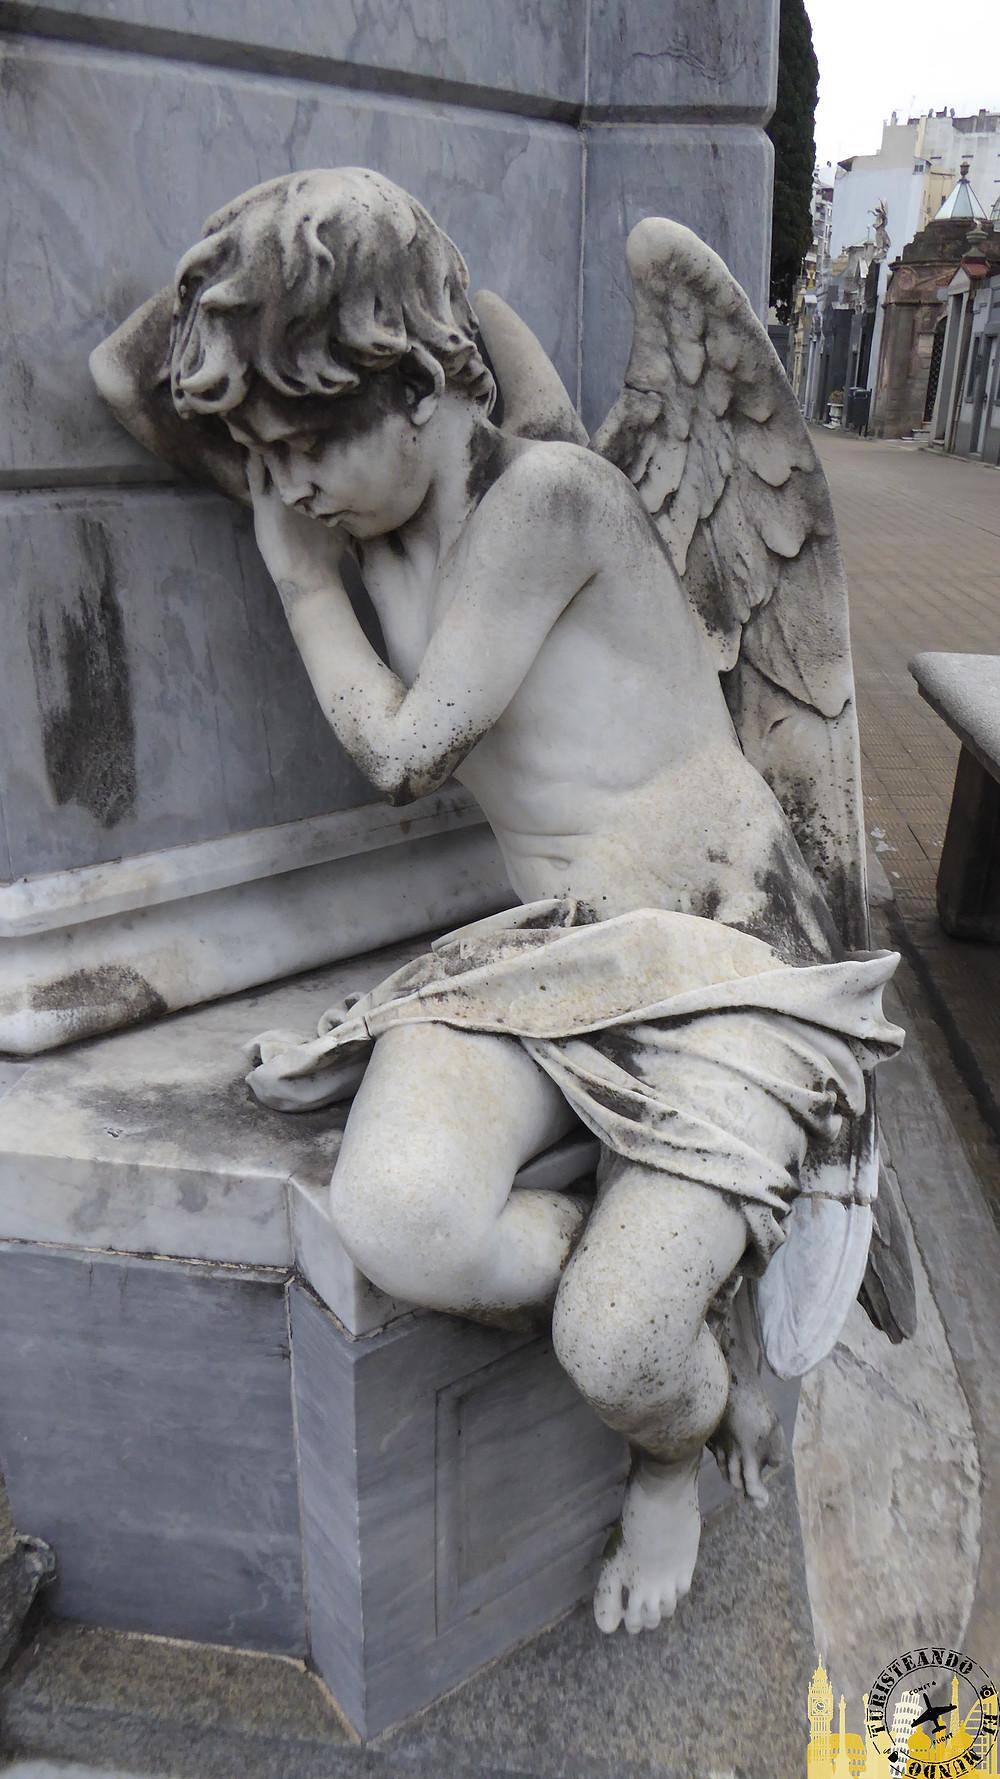 Cementerio de la Recoleta, Buenos Aires (Argentina)